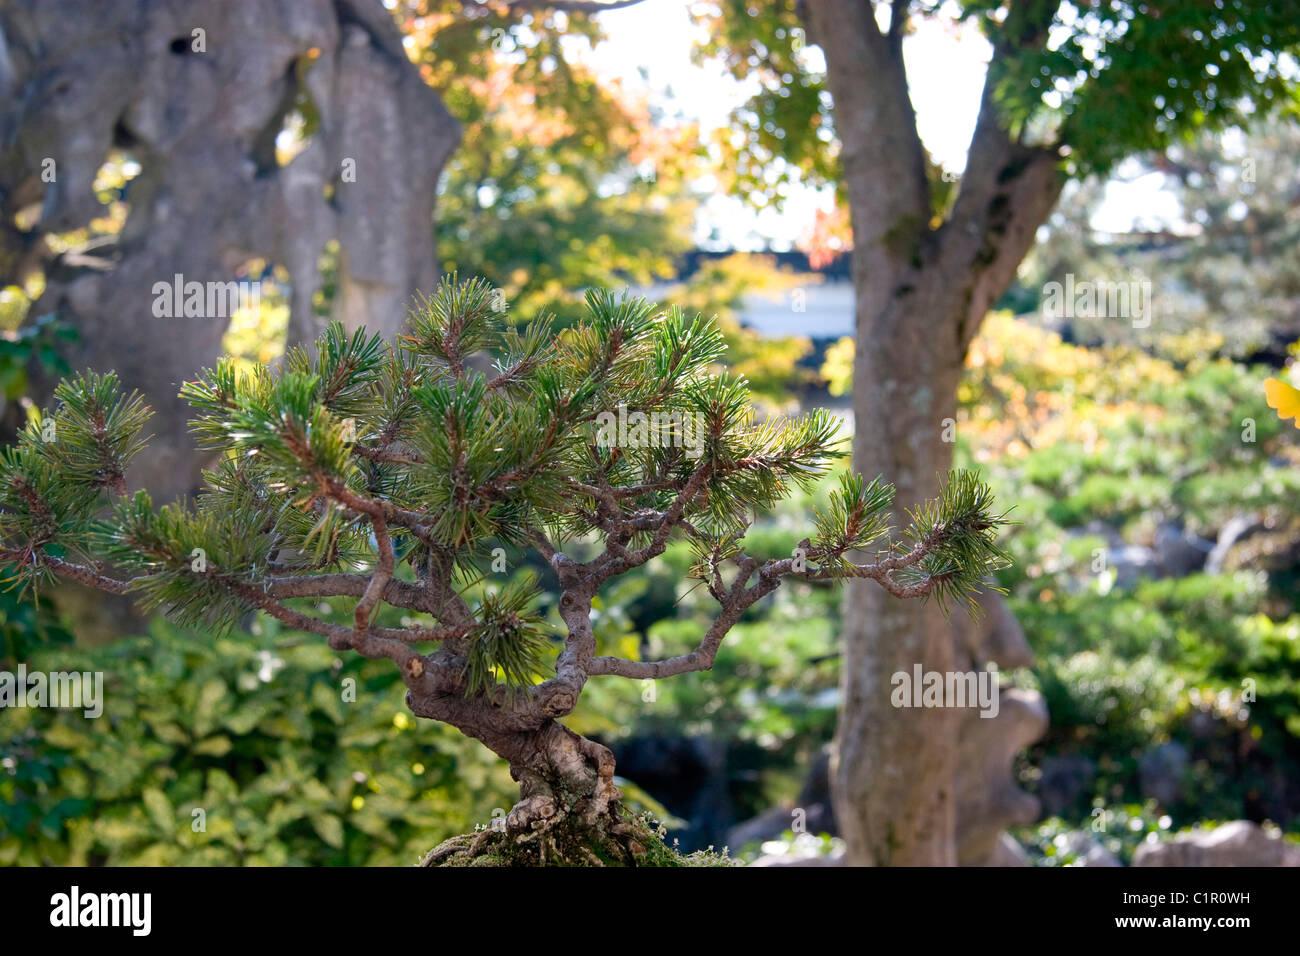 Bonsai Pine Tree At Chinese Garden, Dr. Sun Yat Sen Gardens ...